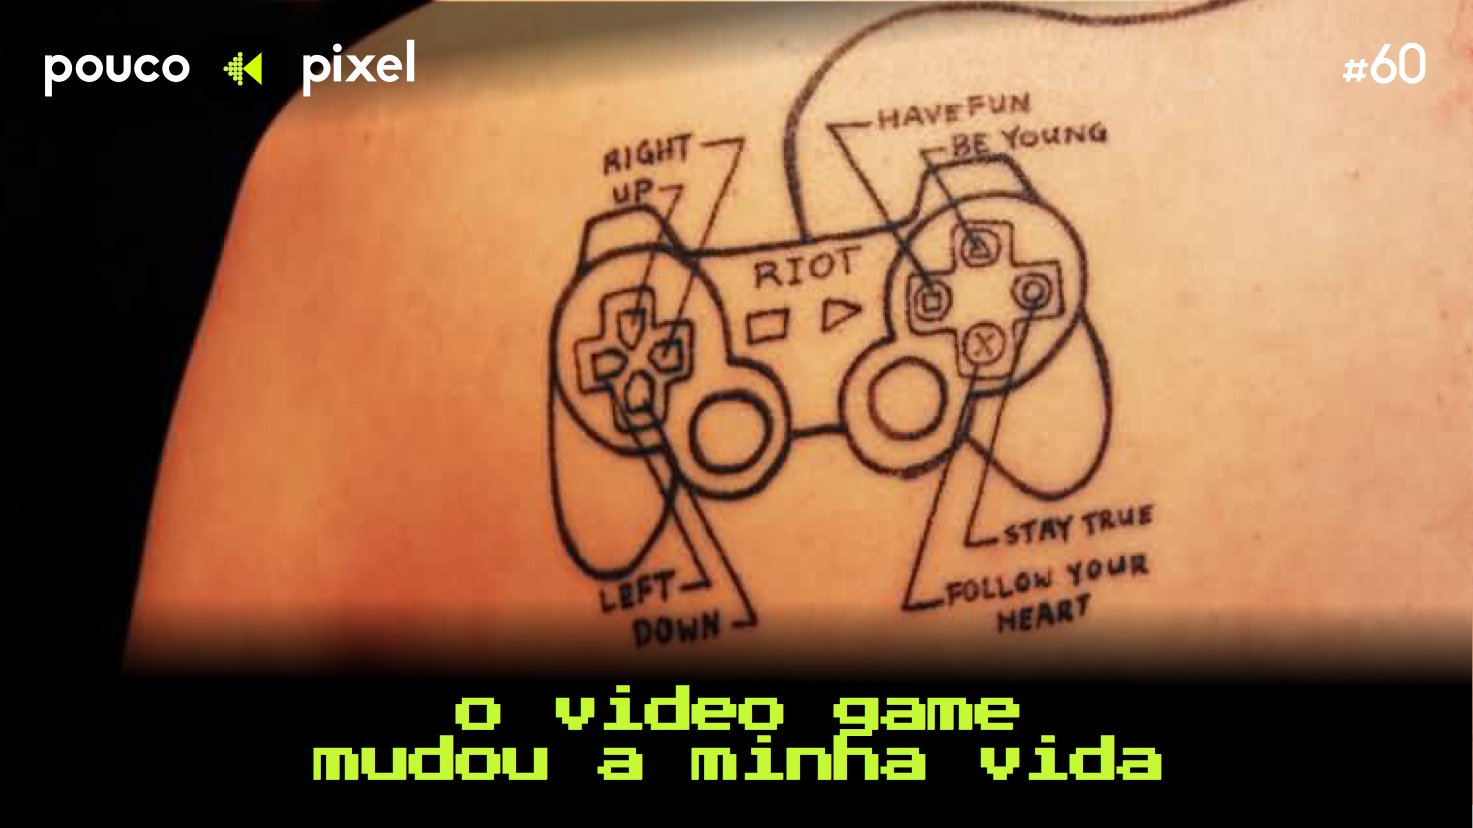 Capa - O video game mudou a minha vida